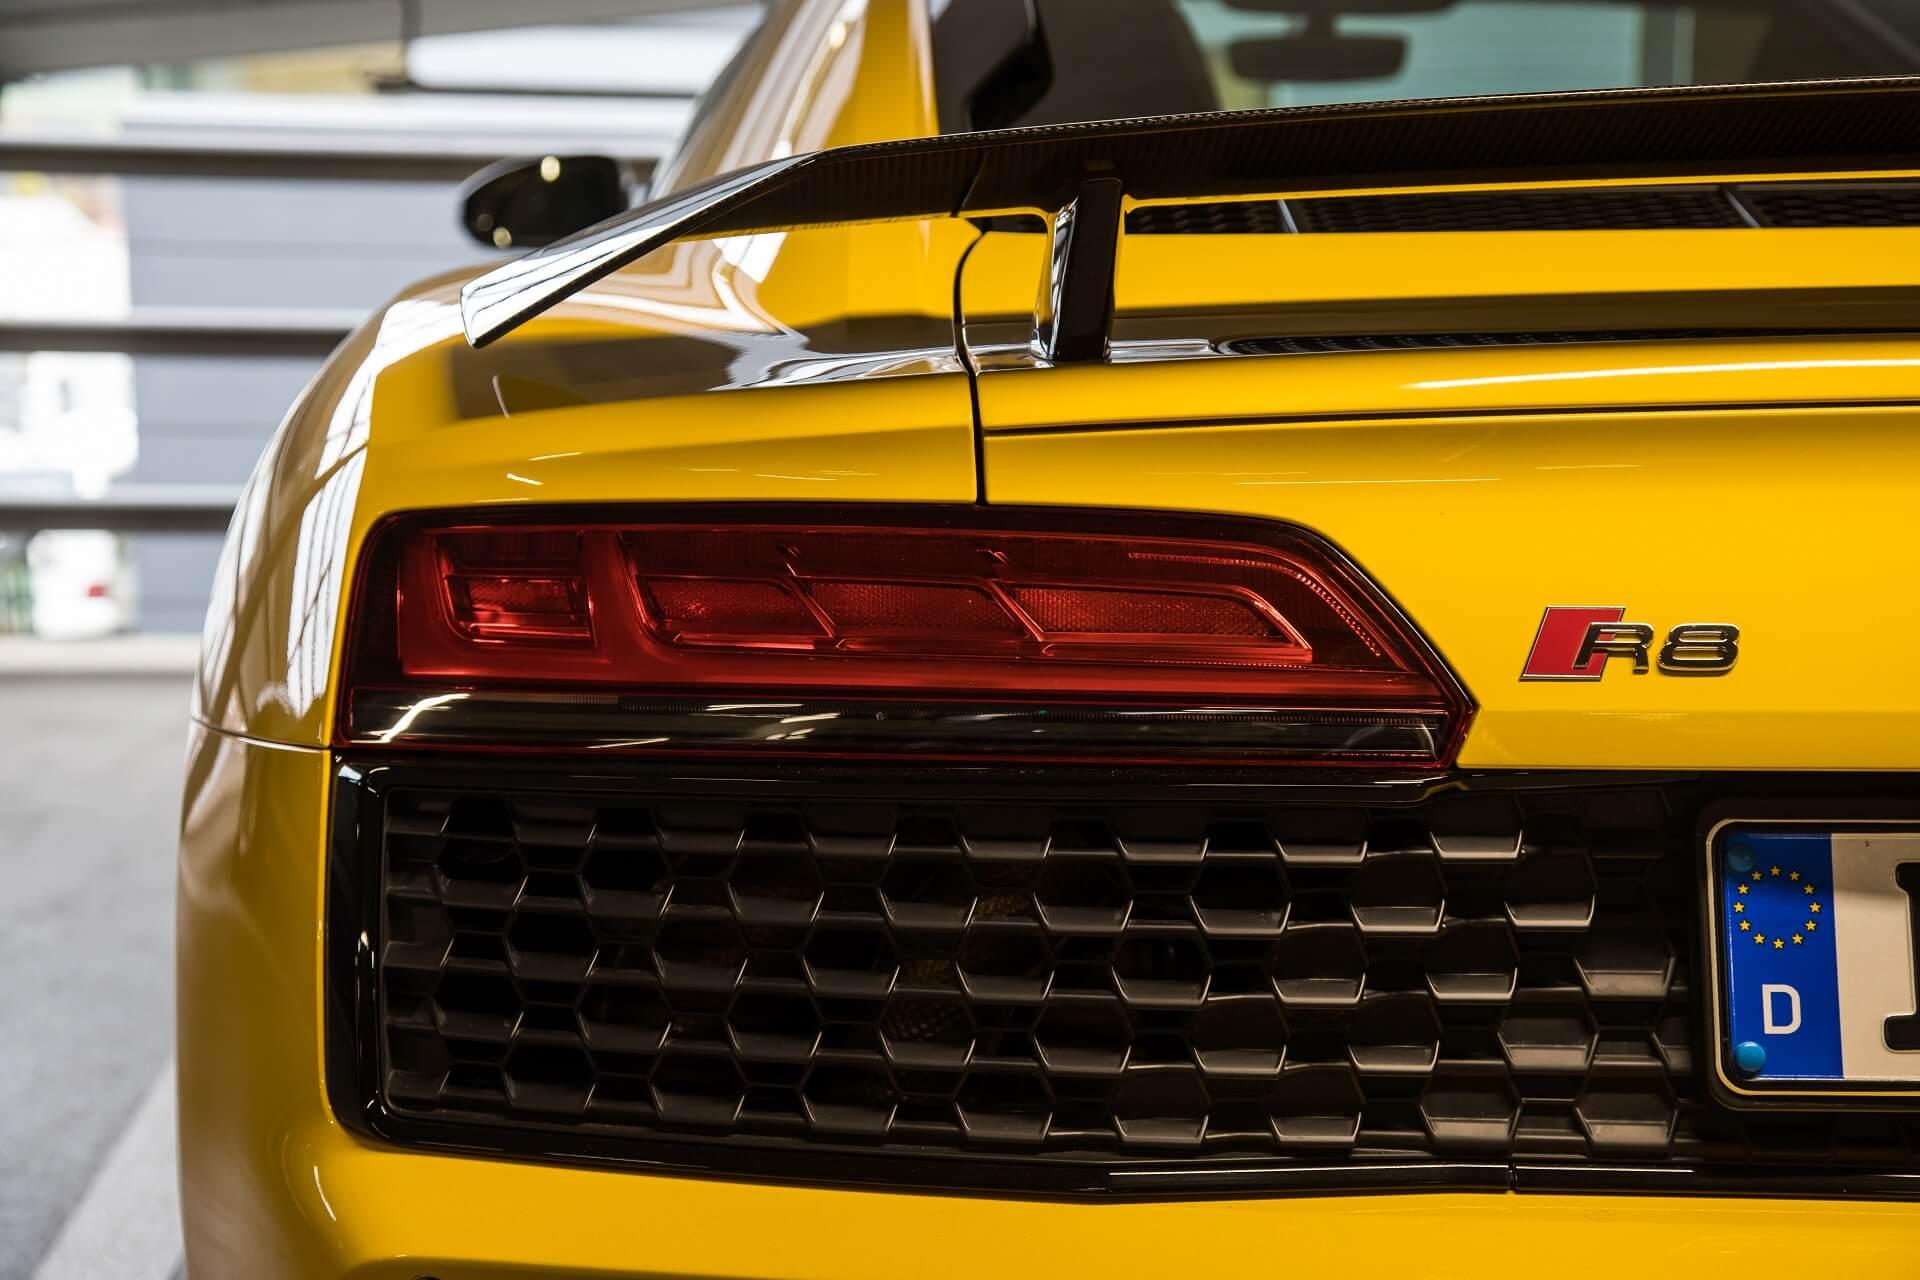 Οι λεπτομέρειες πίσω από την κατασκευή ενός Audi RS